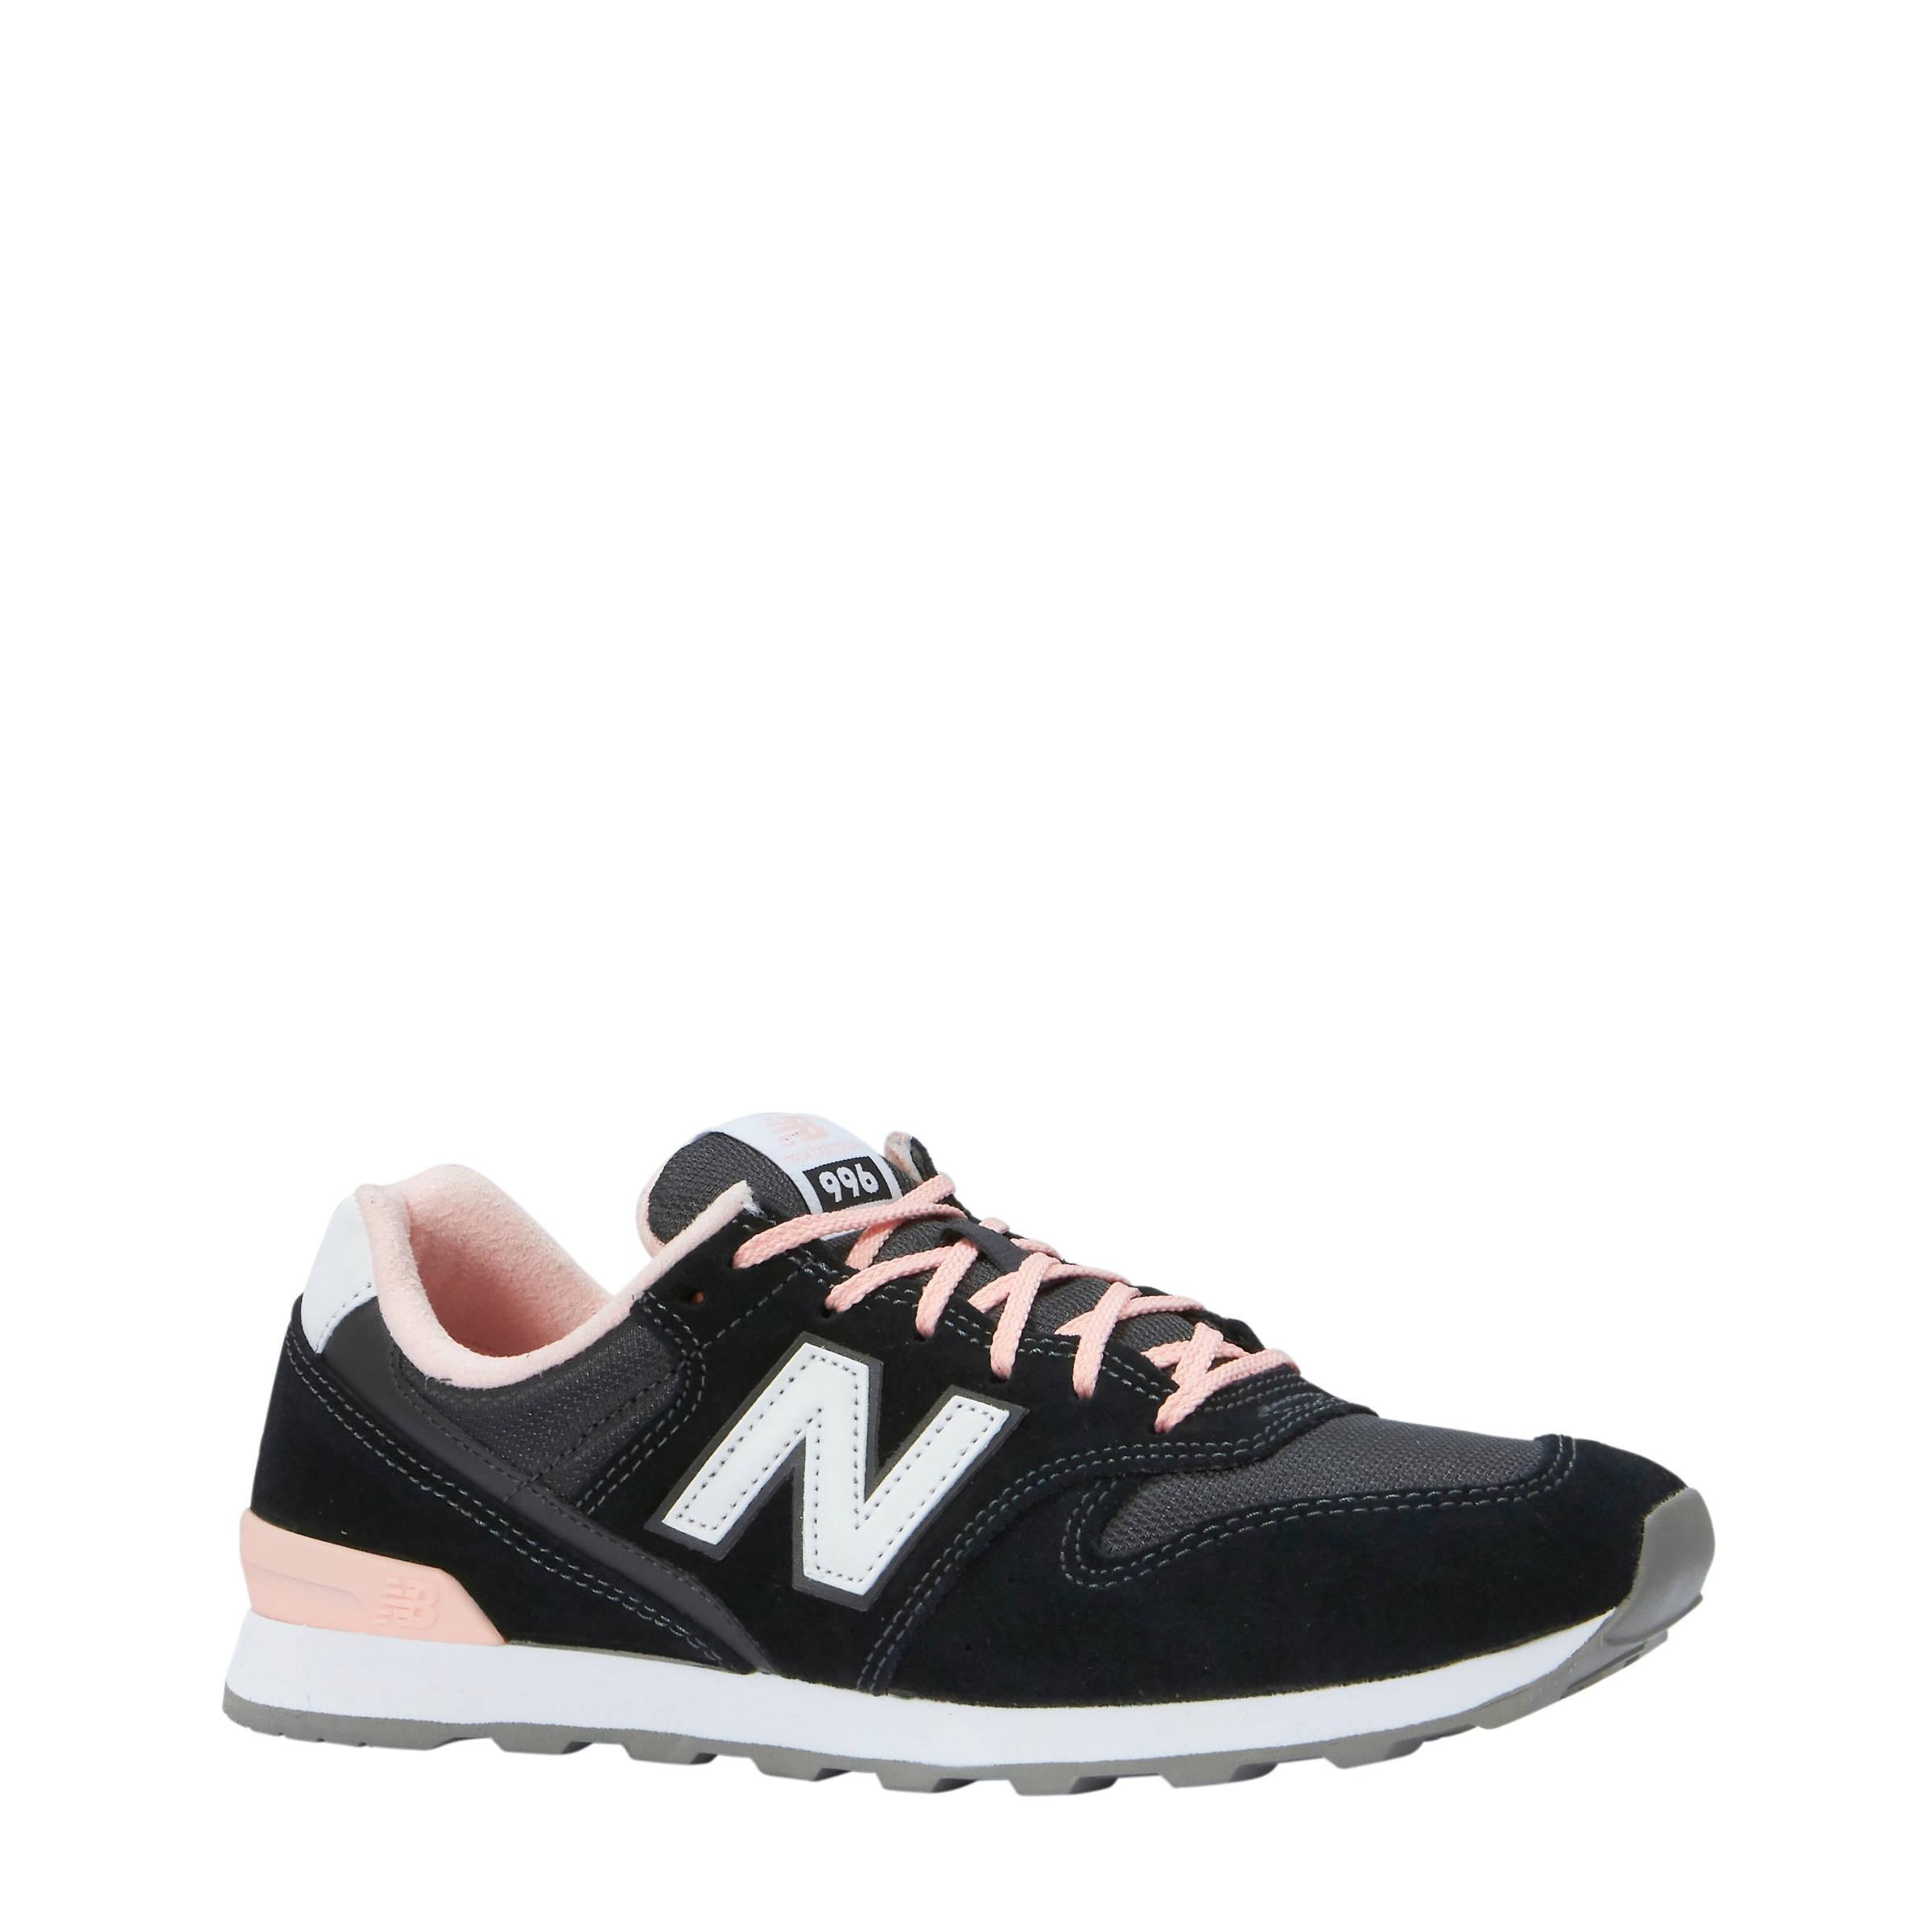 new balance mrl996 zwart